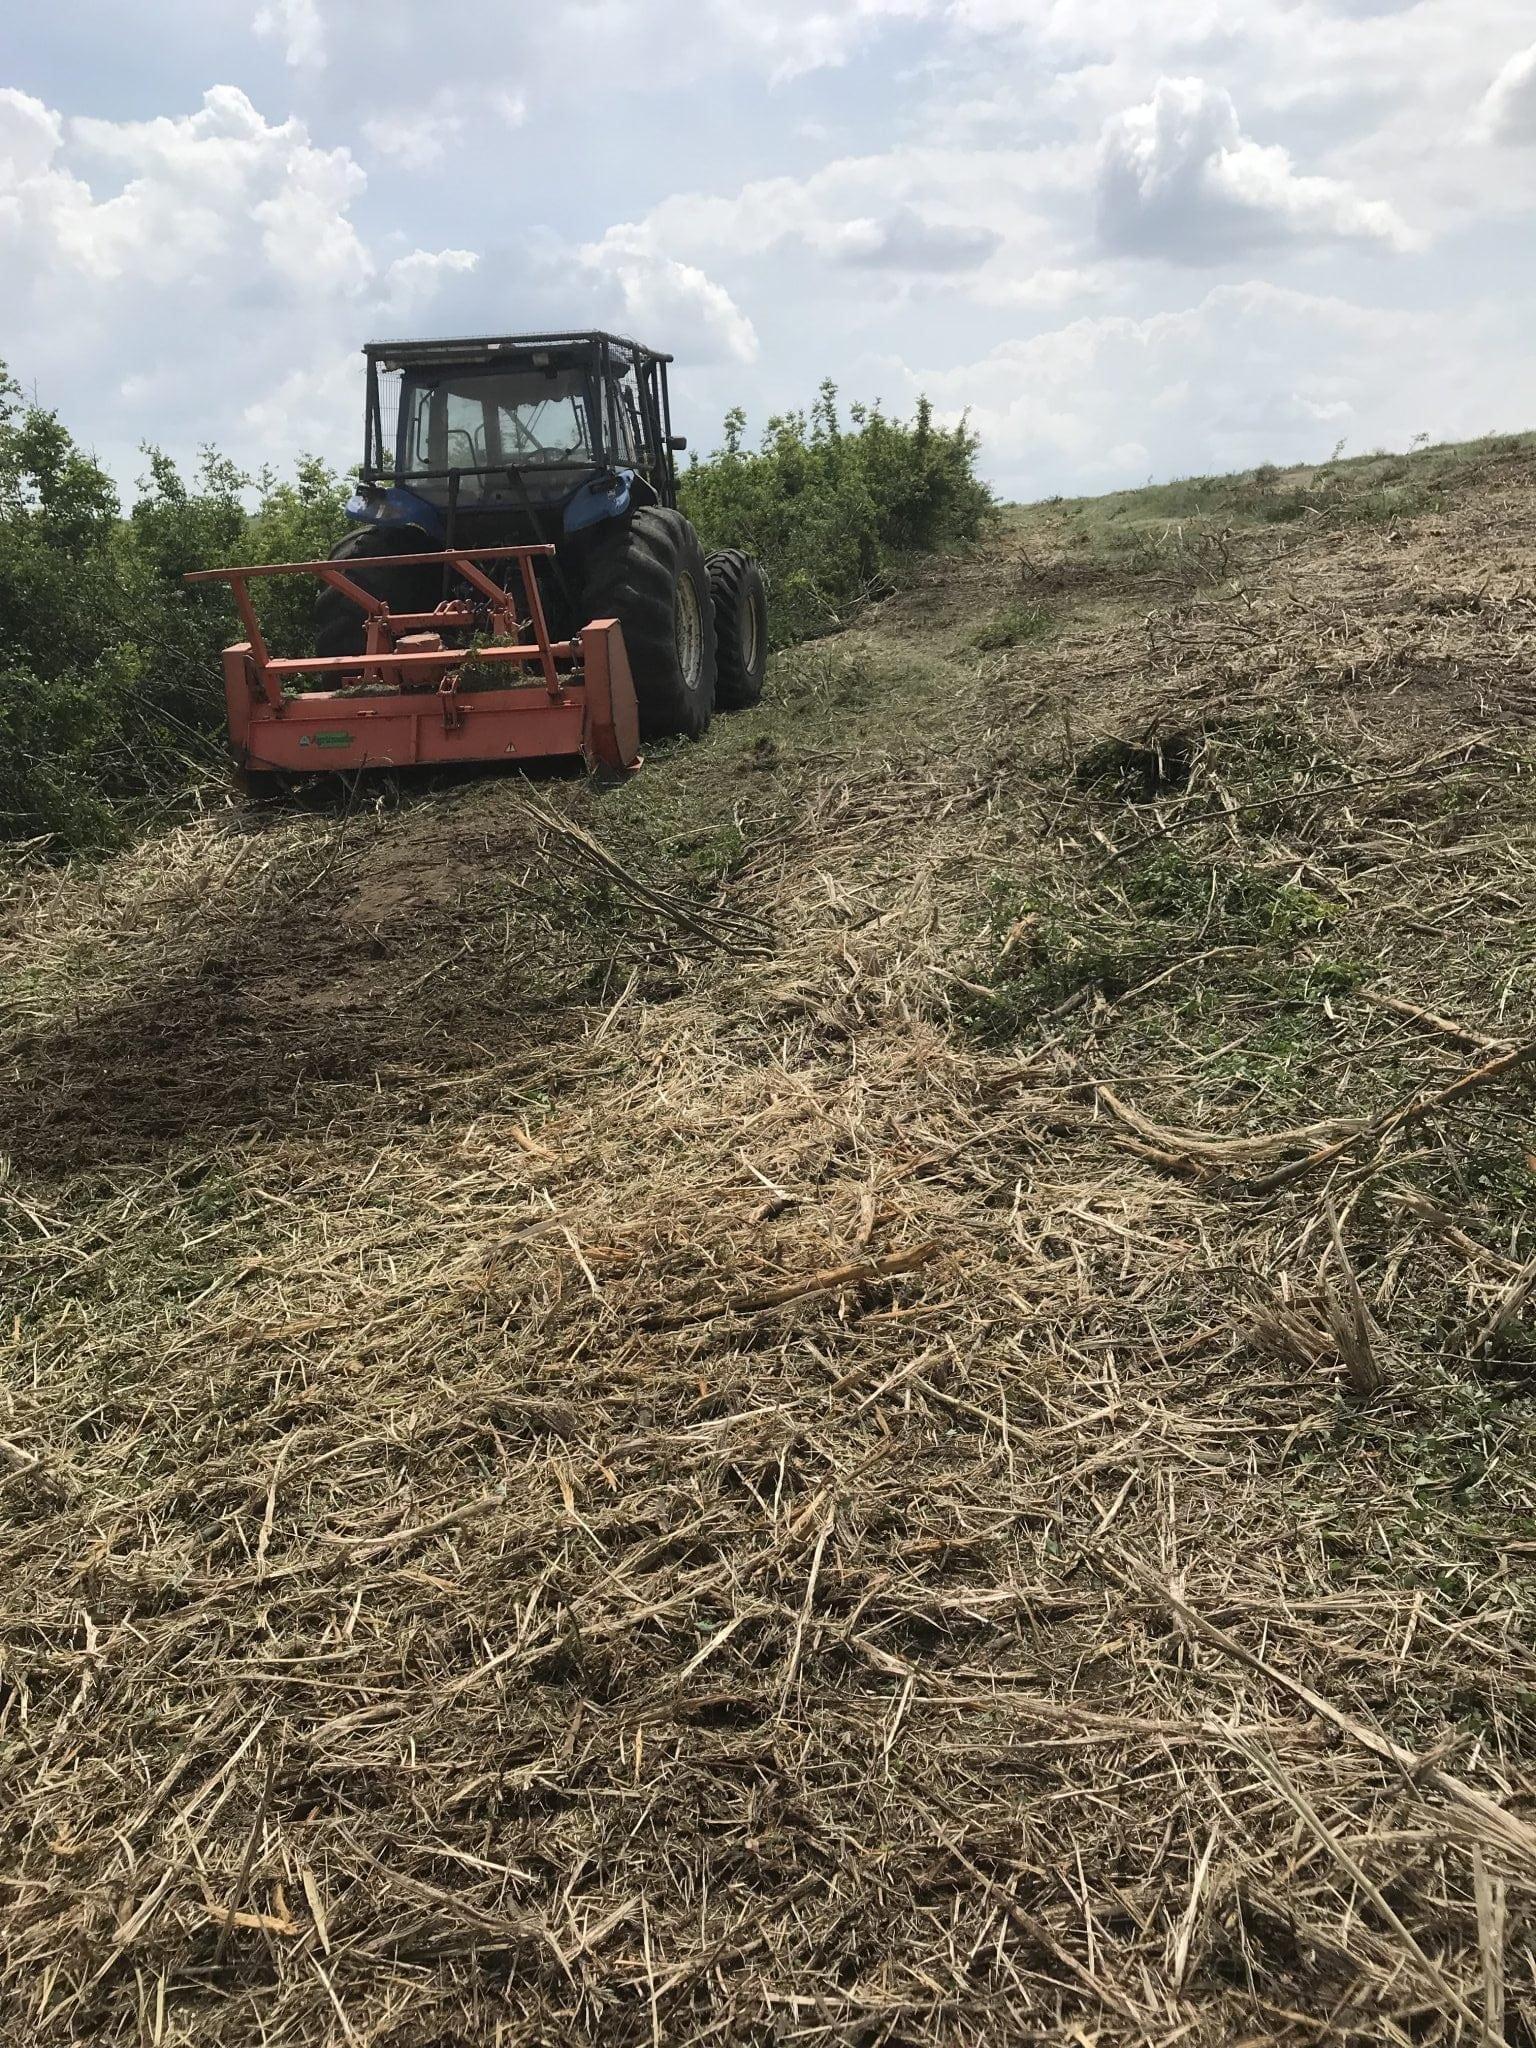 Inchiriez tractor dotat cu tocator forestier/vegetatie